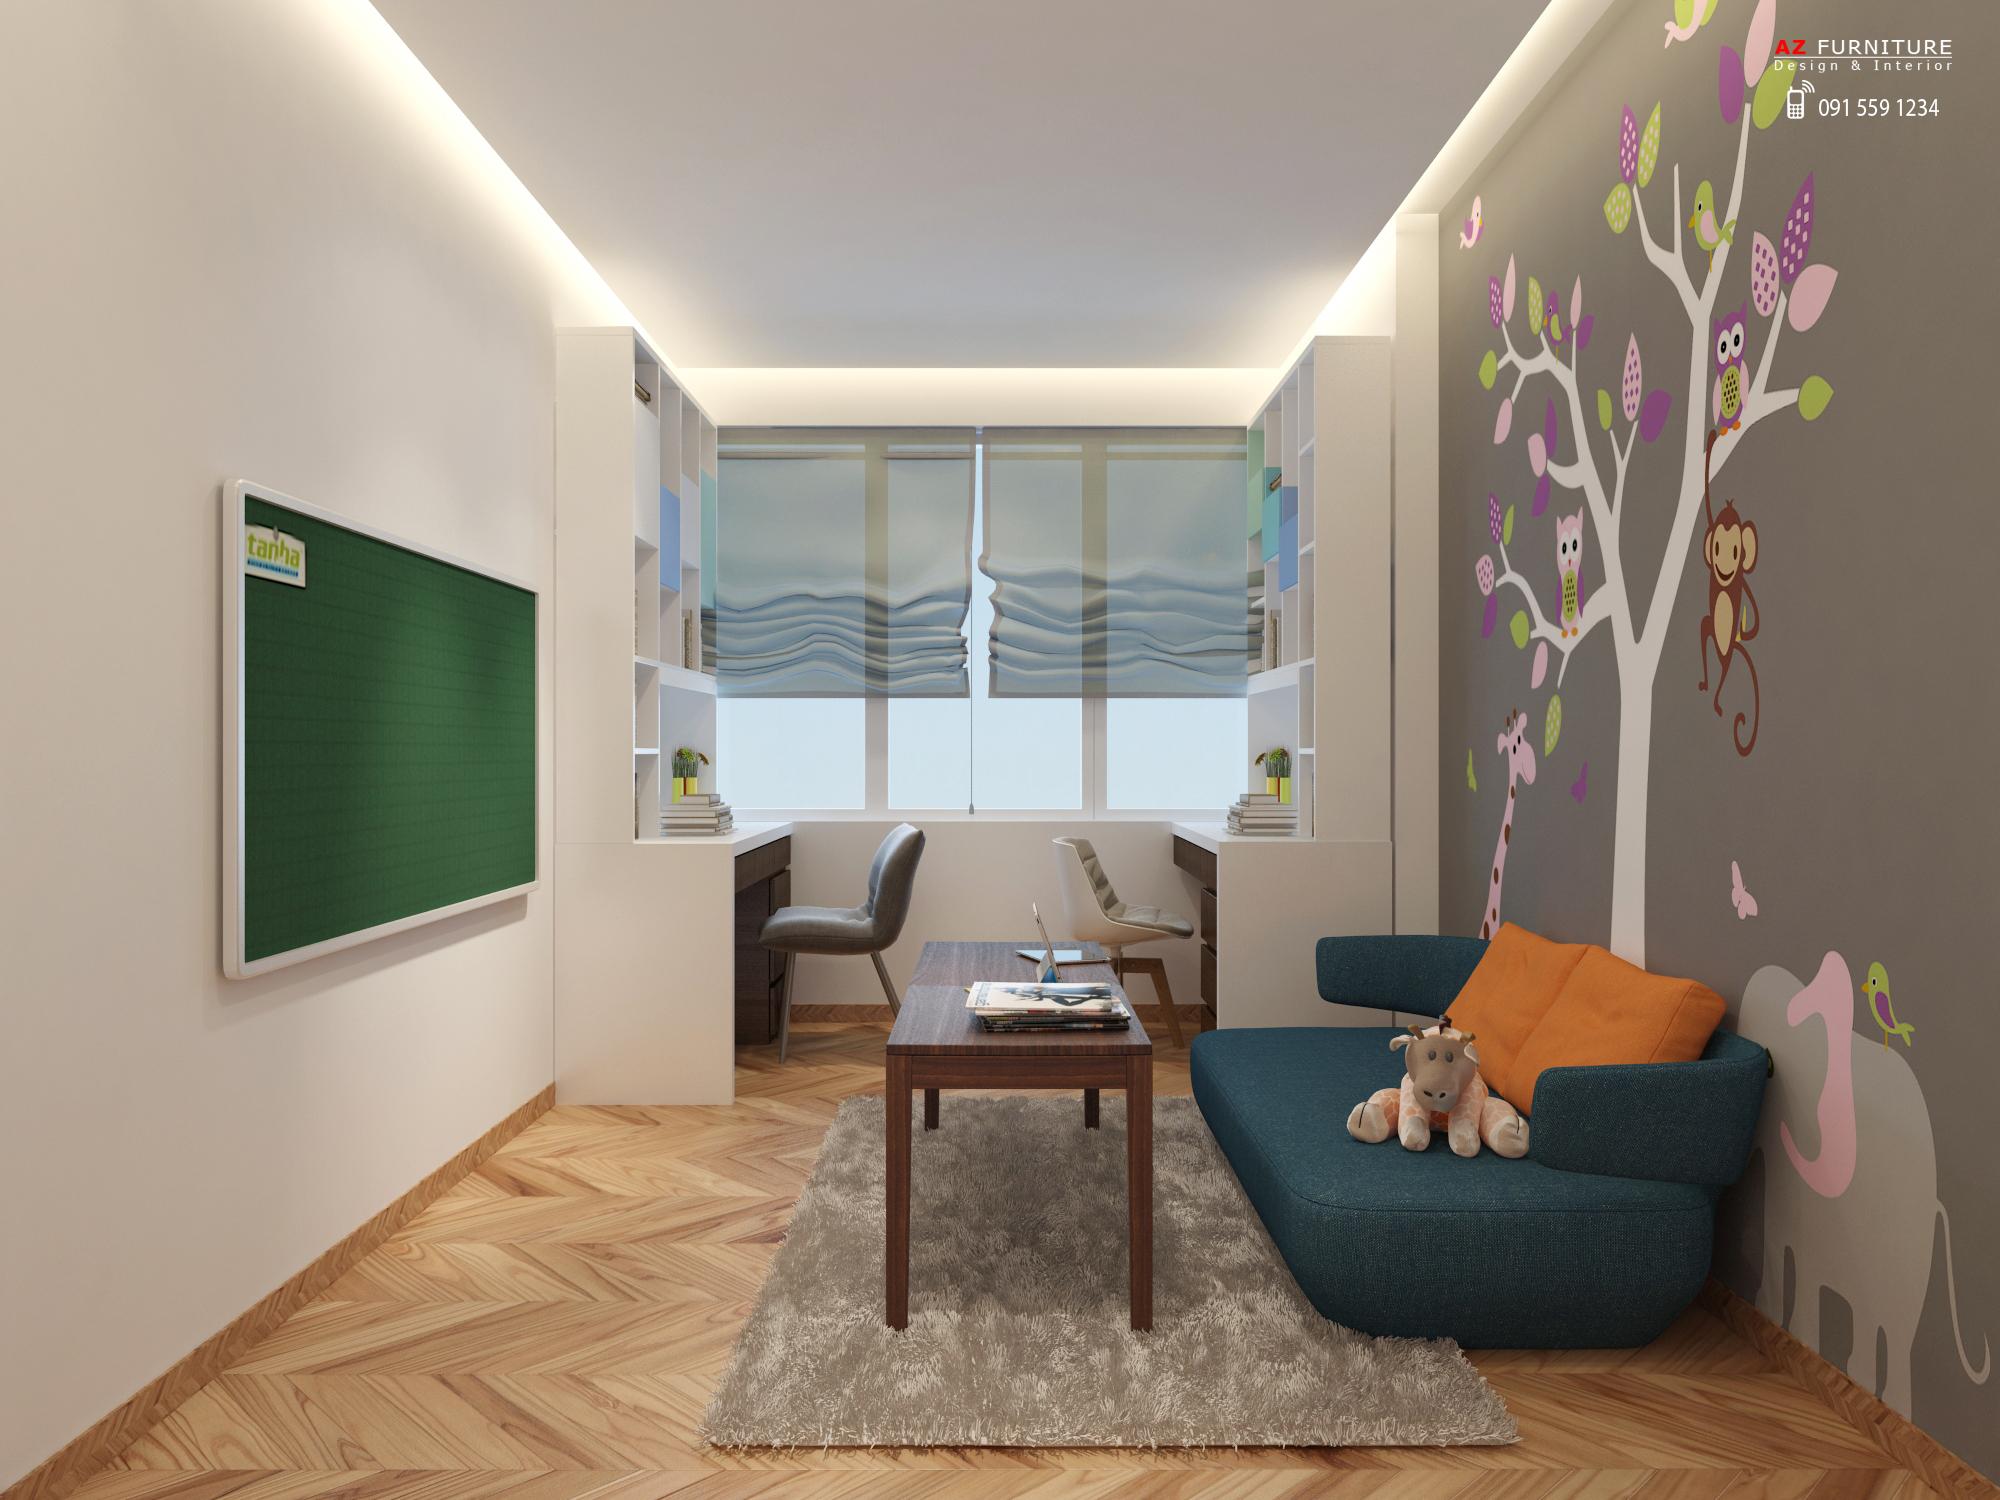 Thiết kế phòng học, phòng đọc sách chung cư đẹp